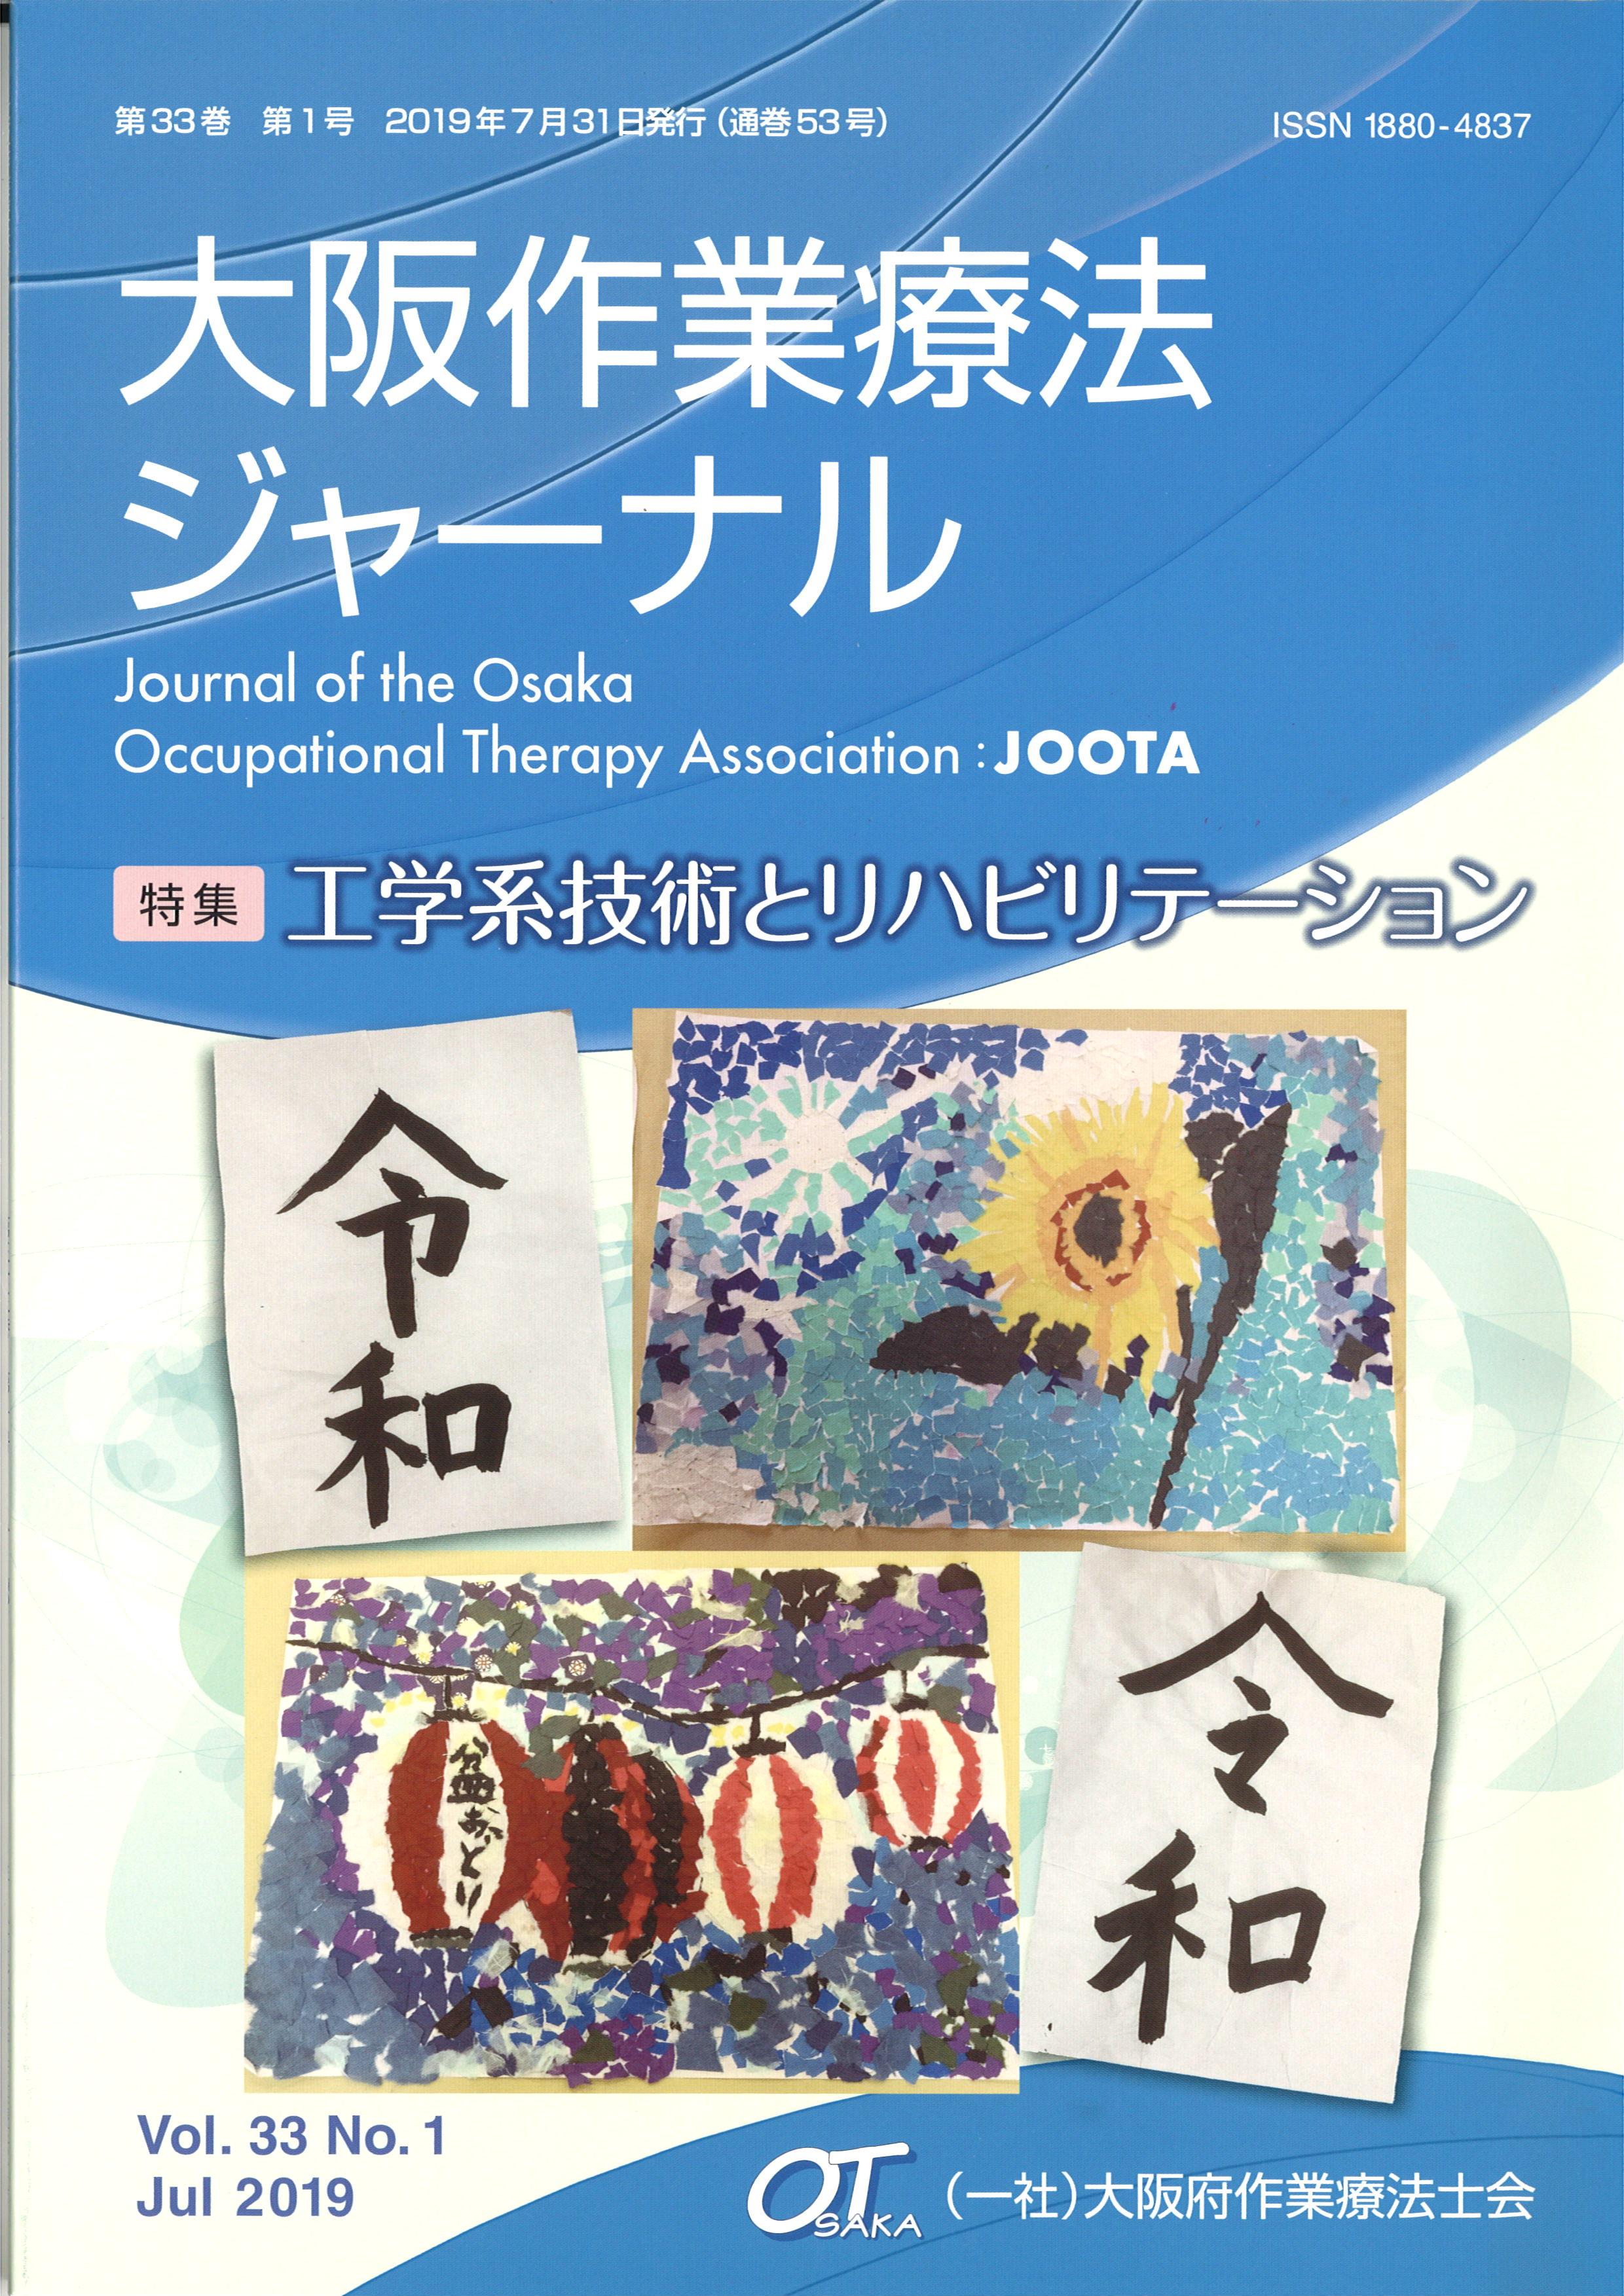 Vol.33/No.1 Jul.2019・目次(令和1年8月発刊)